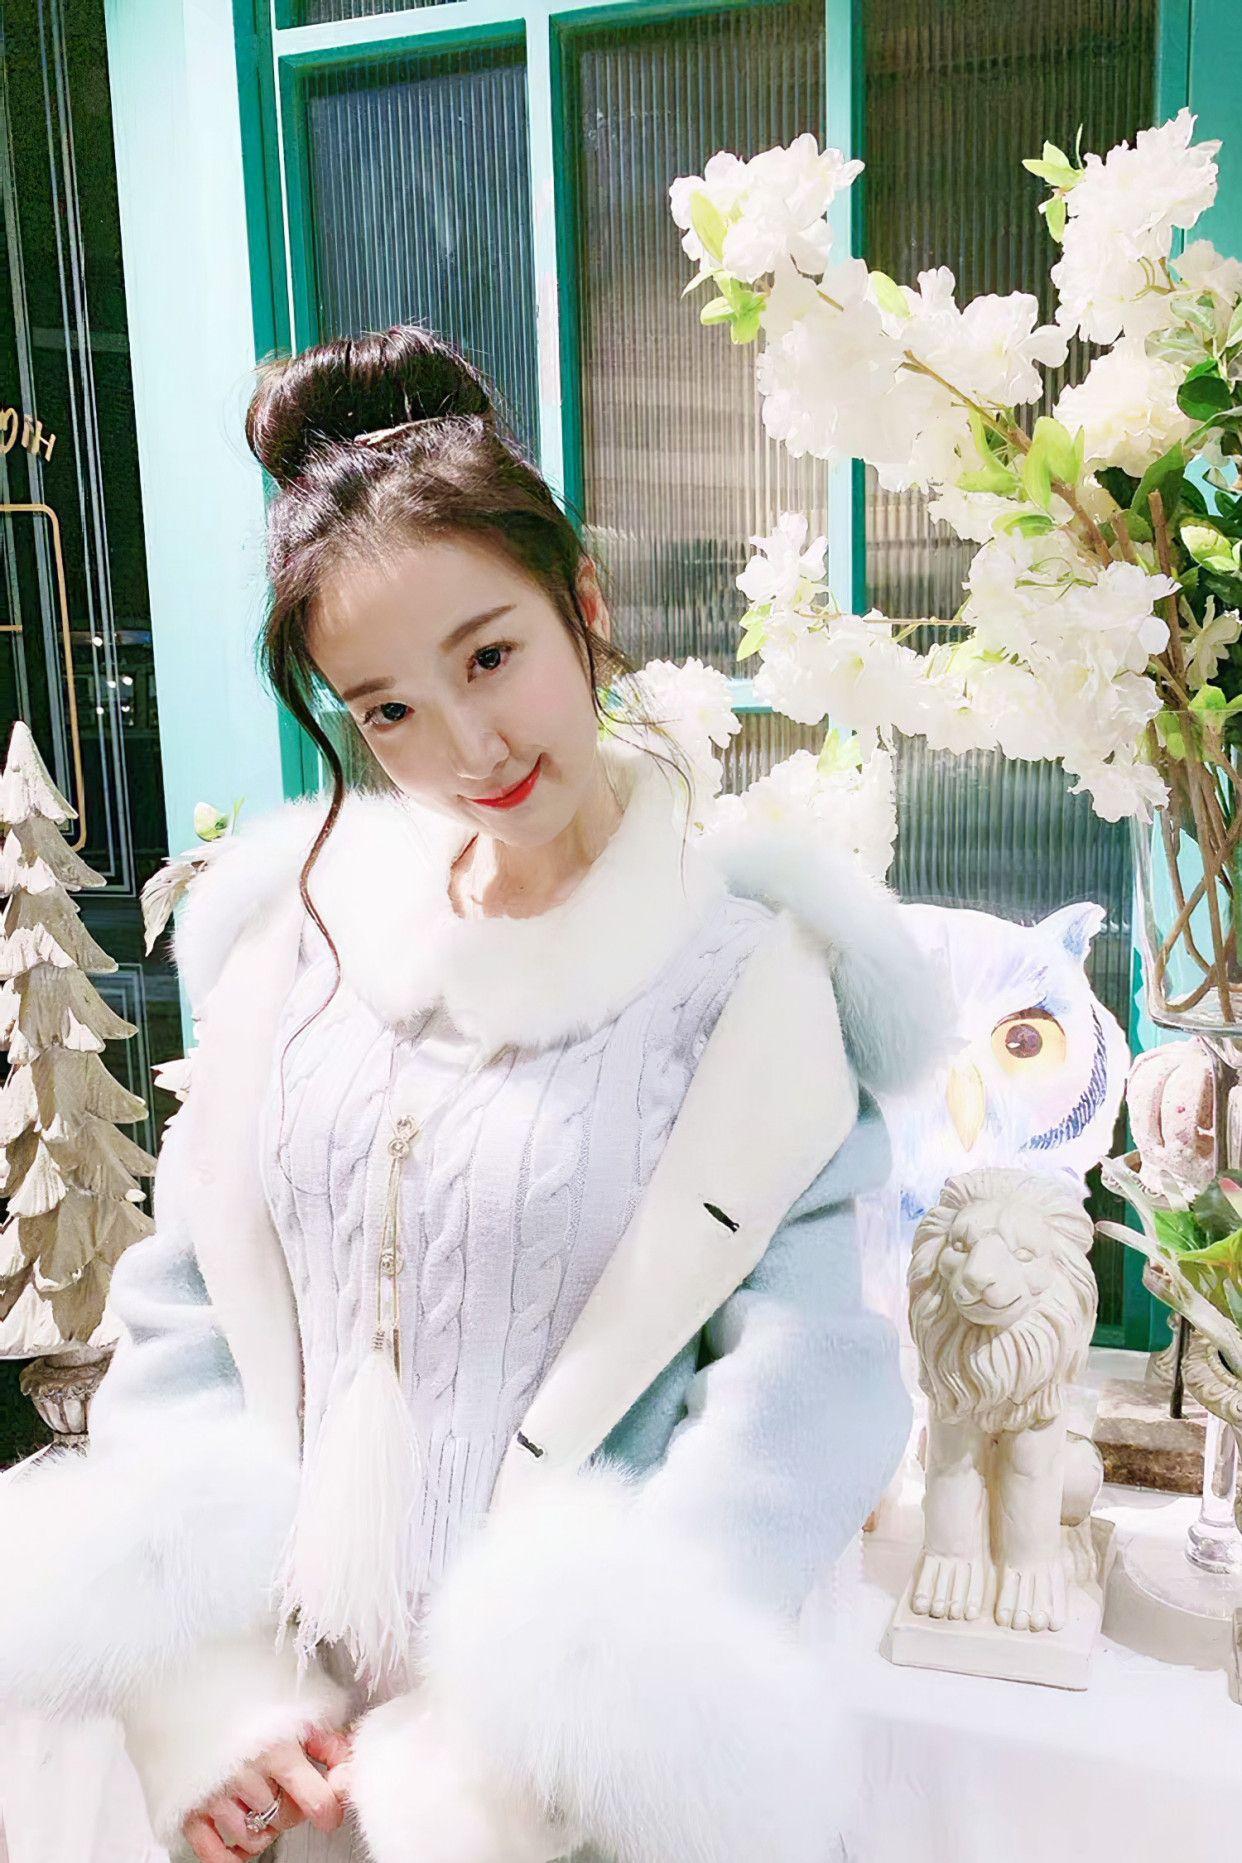 街拍:美女蓝色针织套装搭配白色短靴,冬季穿着既保暖又时尚!